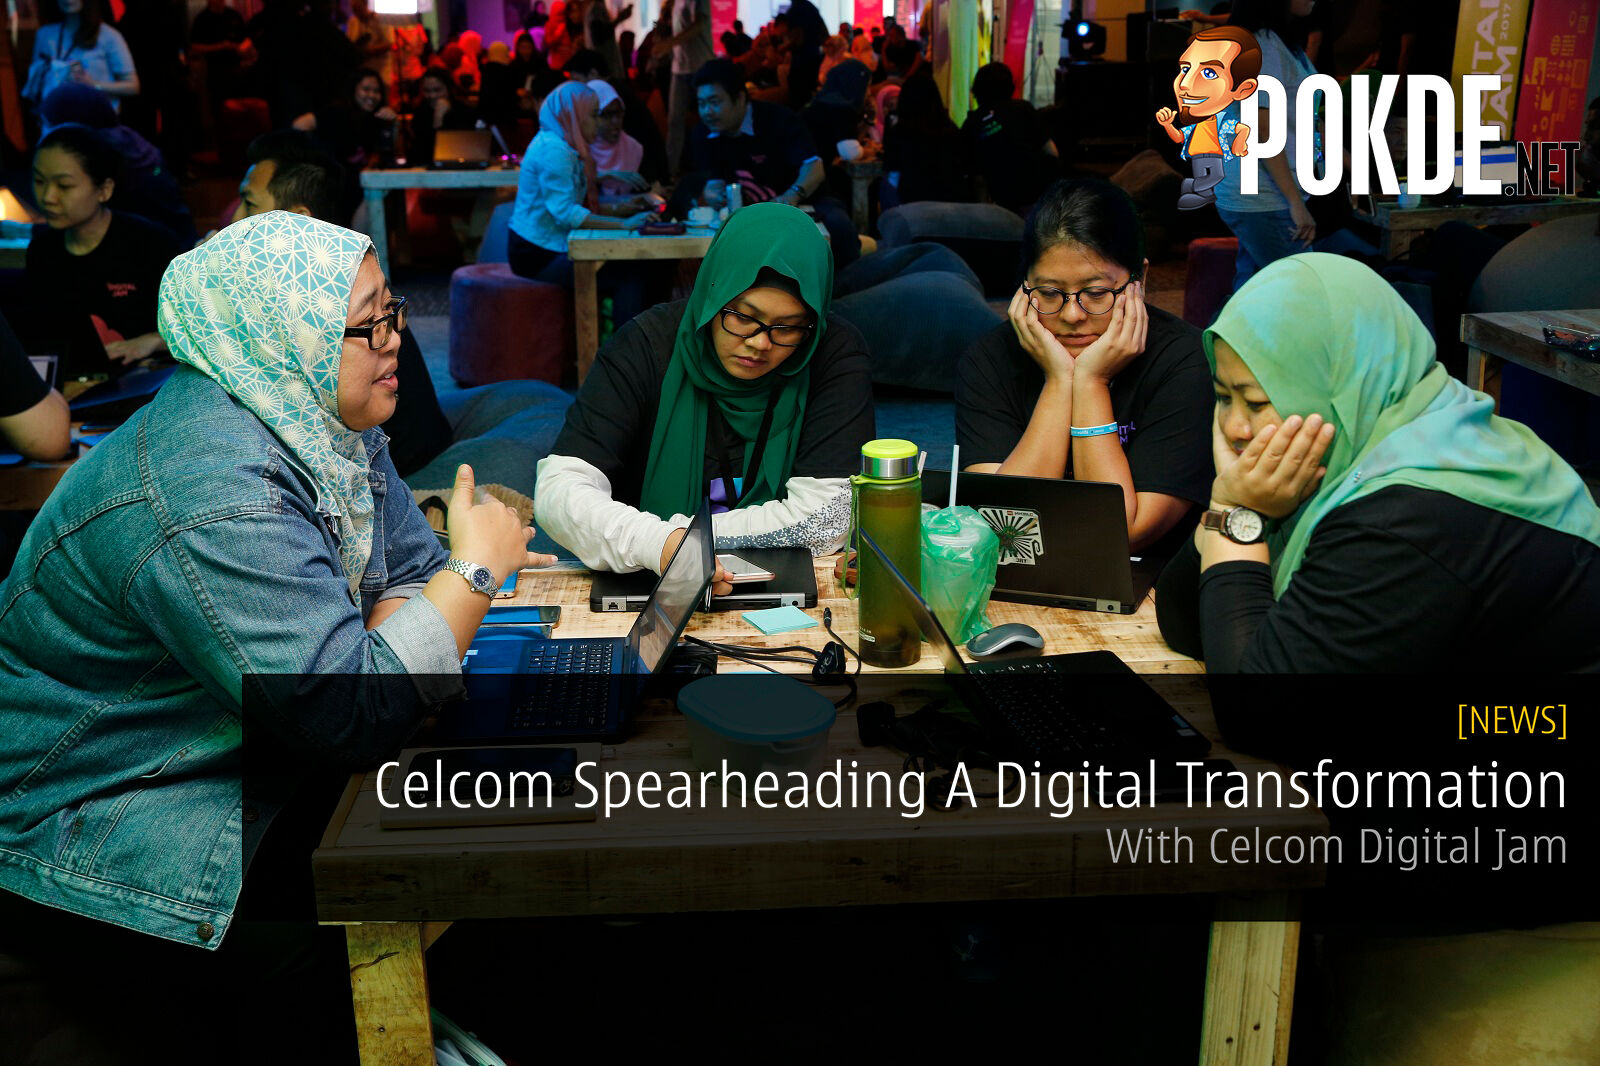 Celcom Spearheading A Digital Transformation with Celcom Digital Jam 18